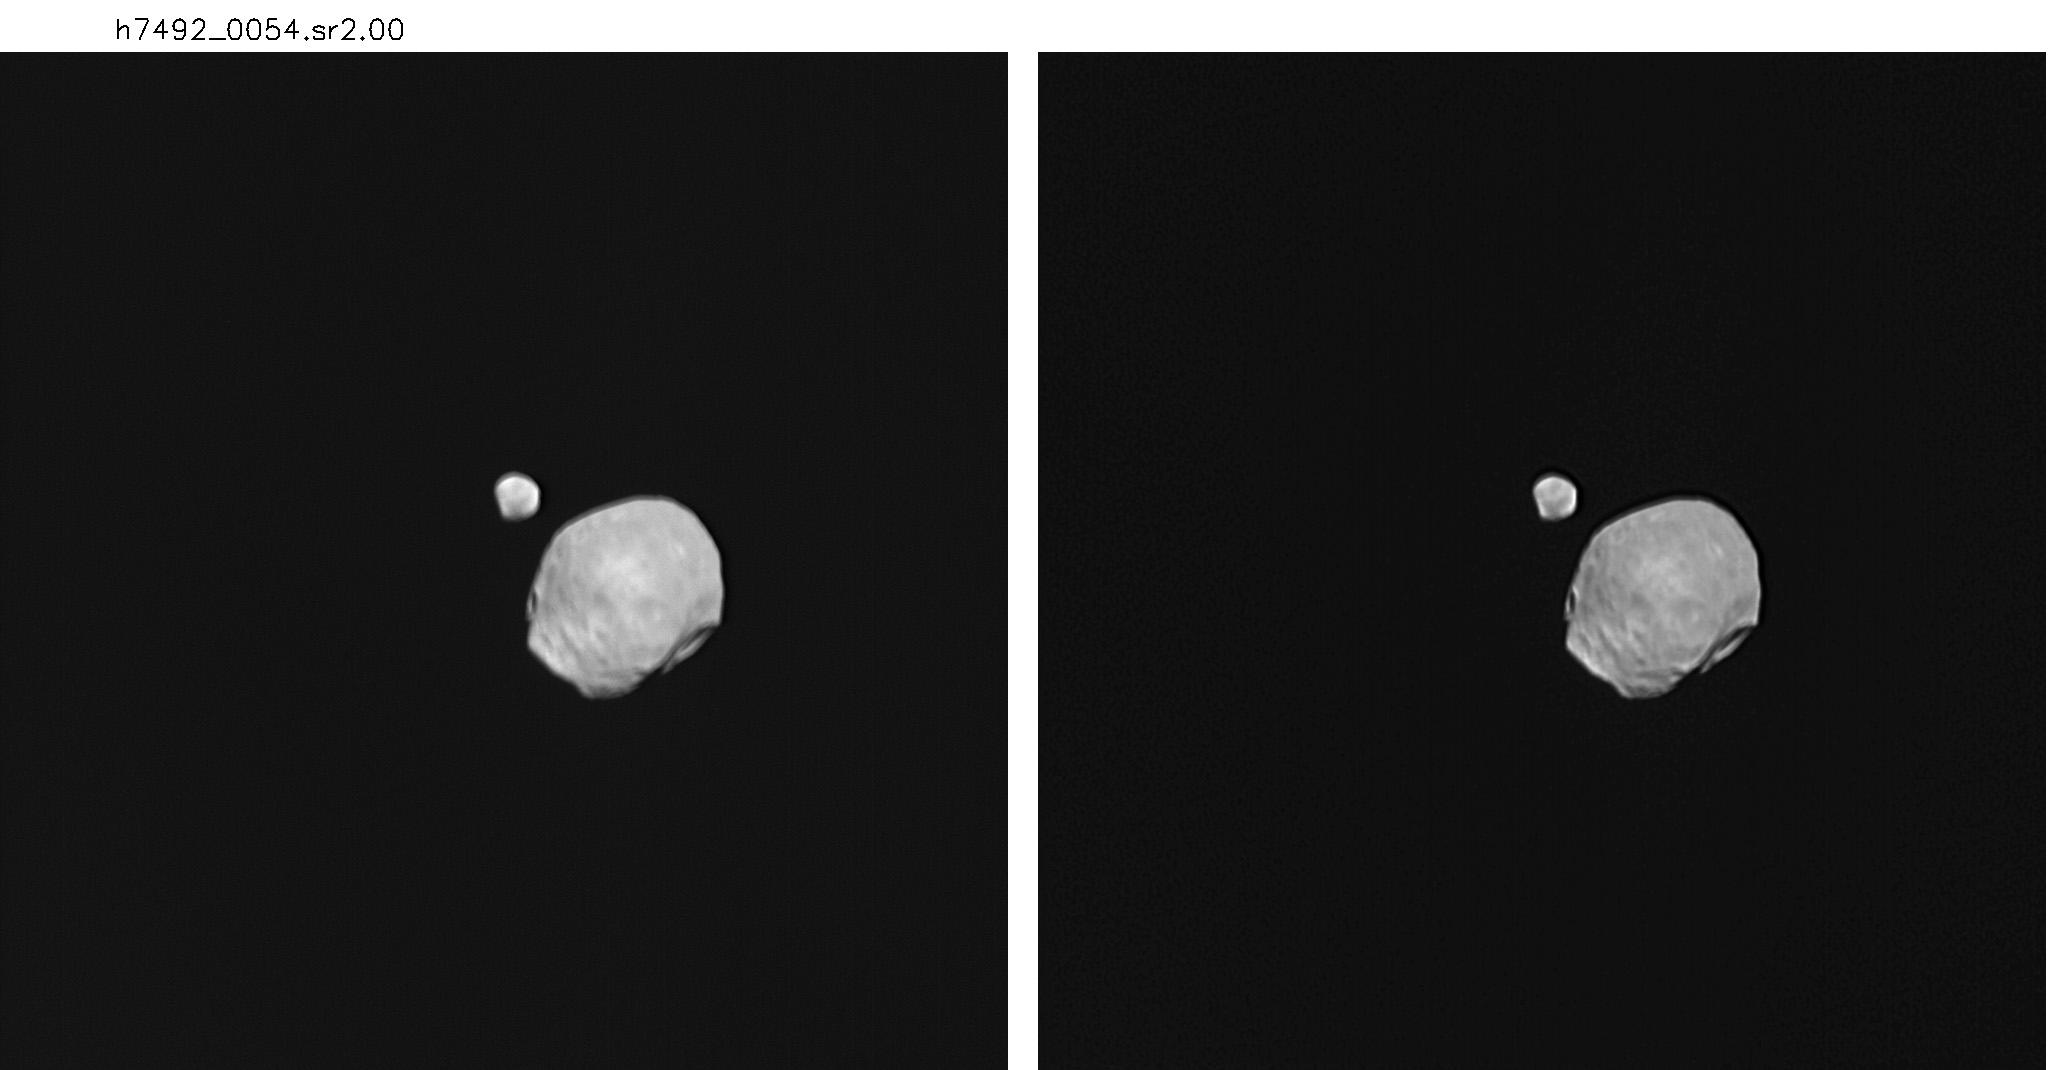 Phobos und Deimos gemeinsam: Roh- und bearbeitetes Bild, Quelle: ESA/FU Berlin